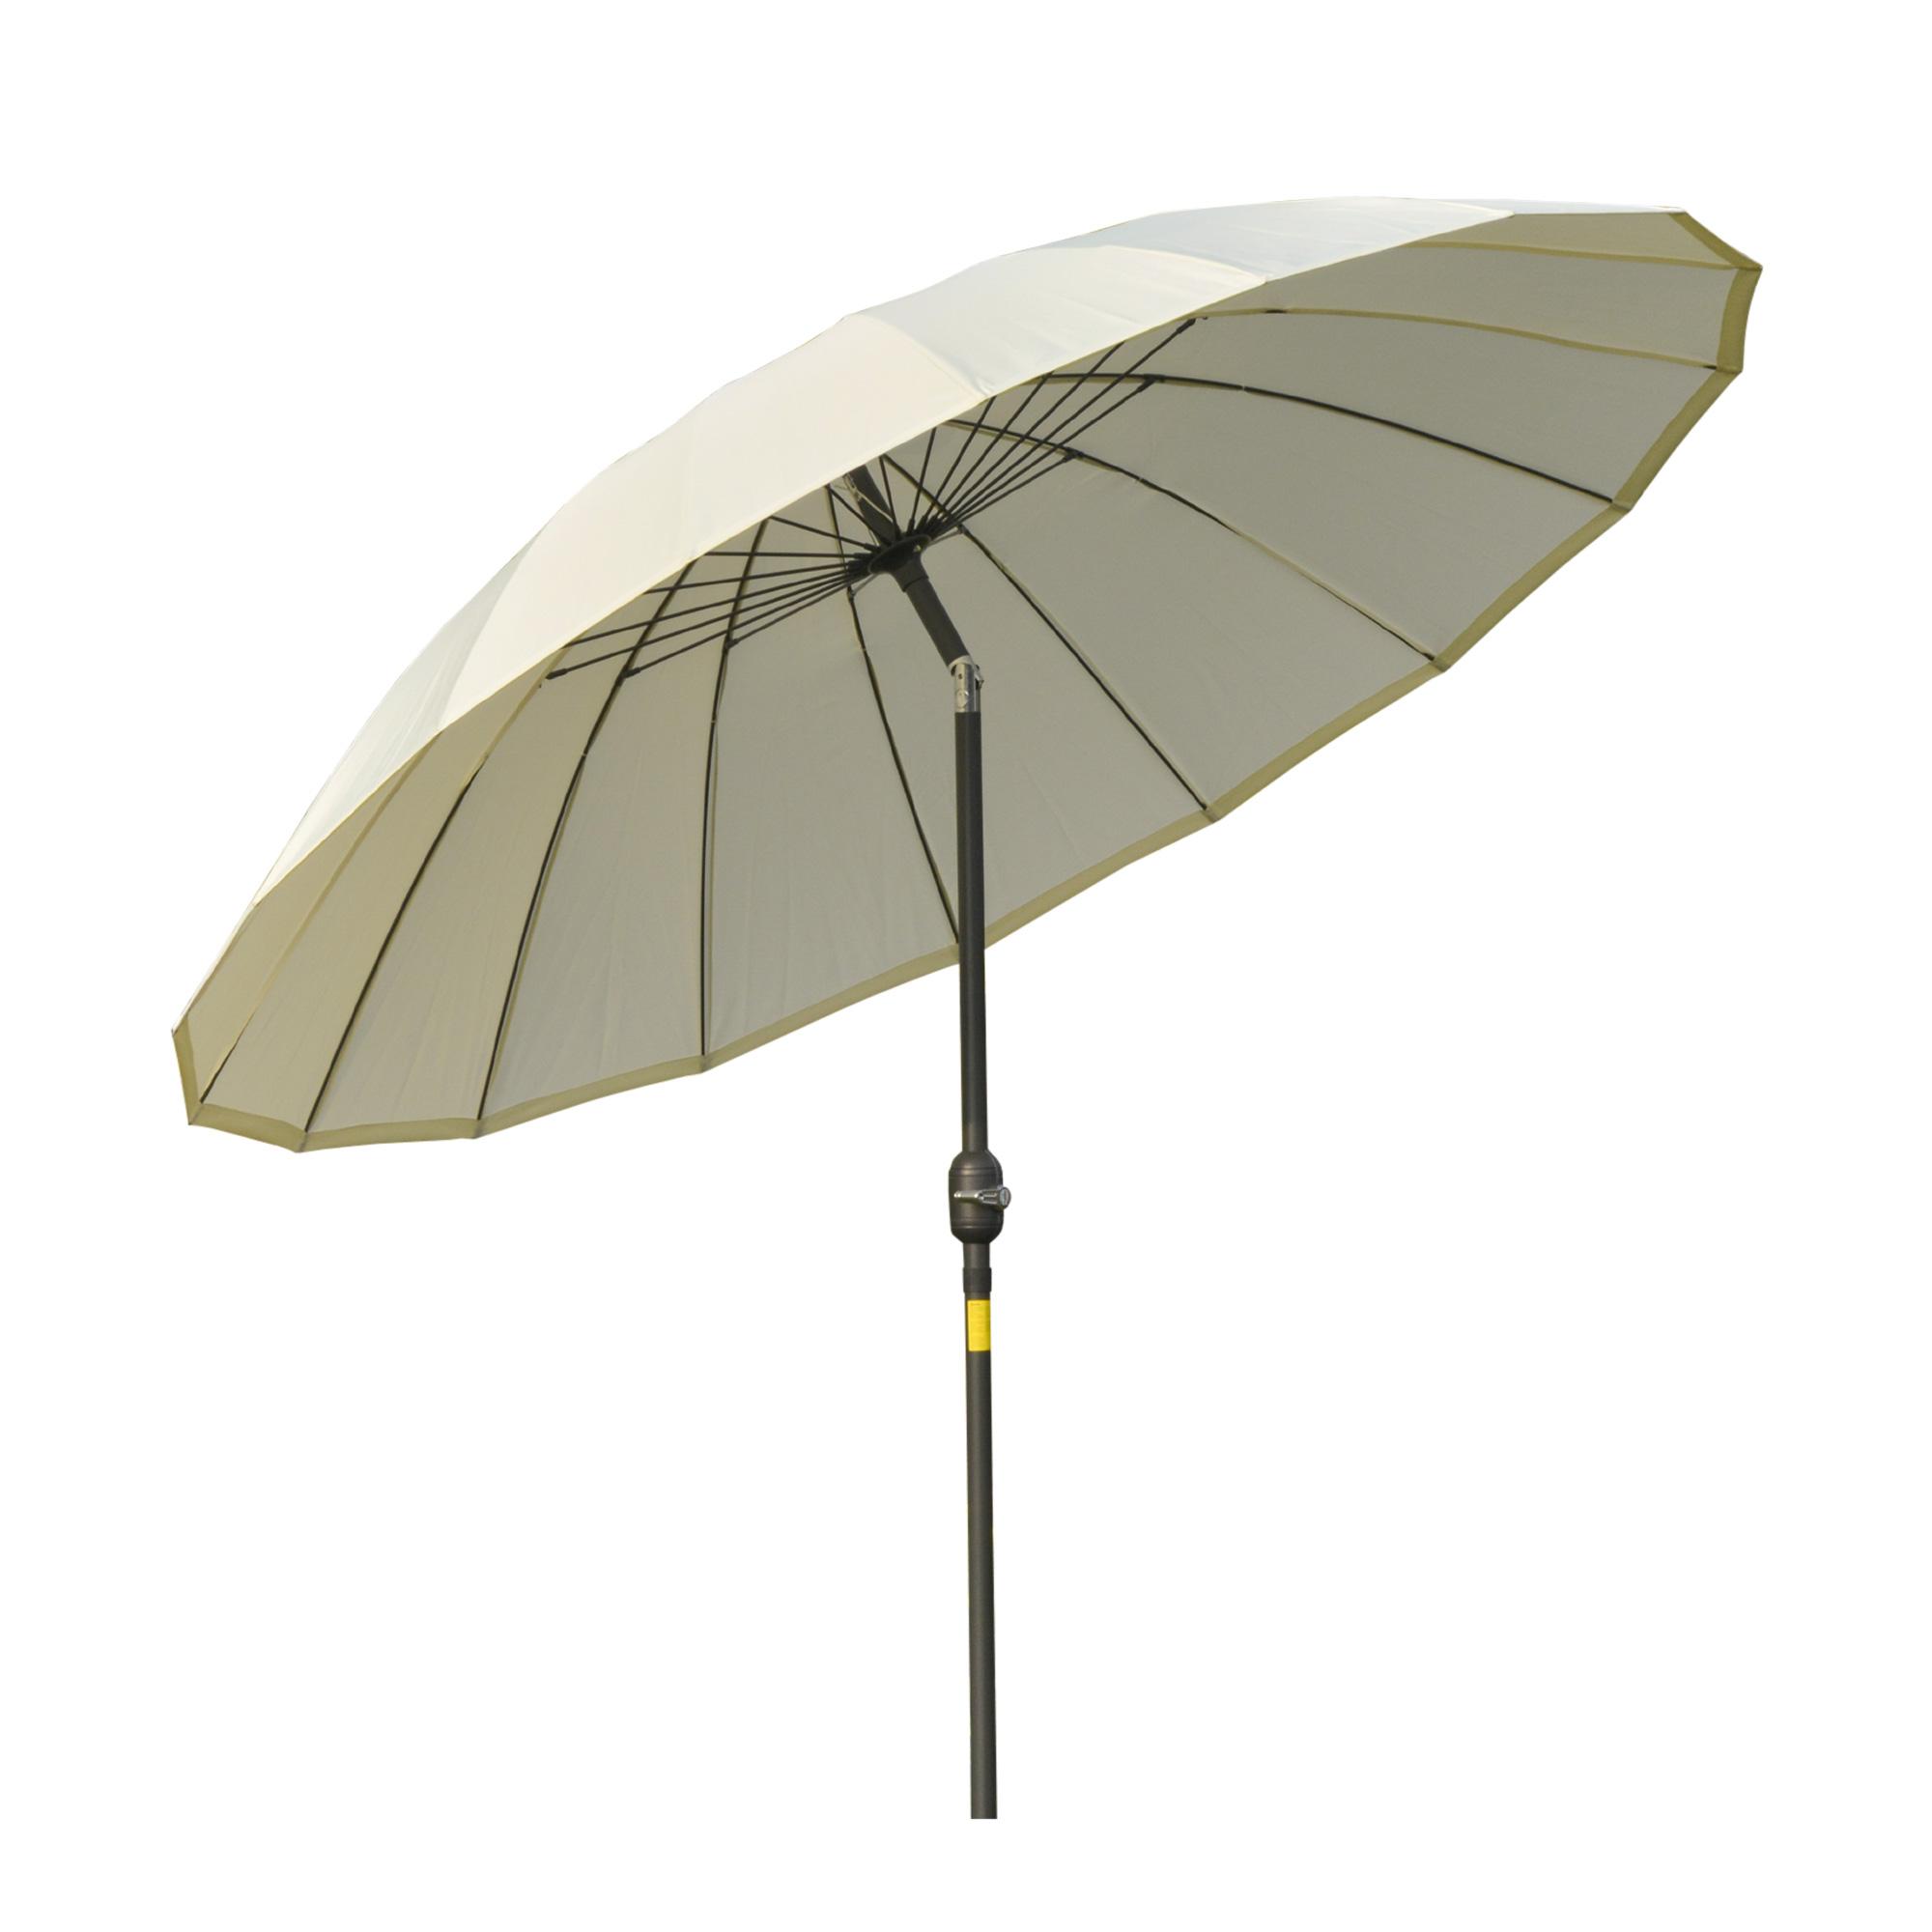 Parasol inclinable rond avec manivelle métal polyester haute densité